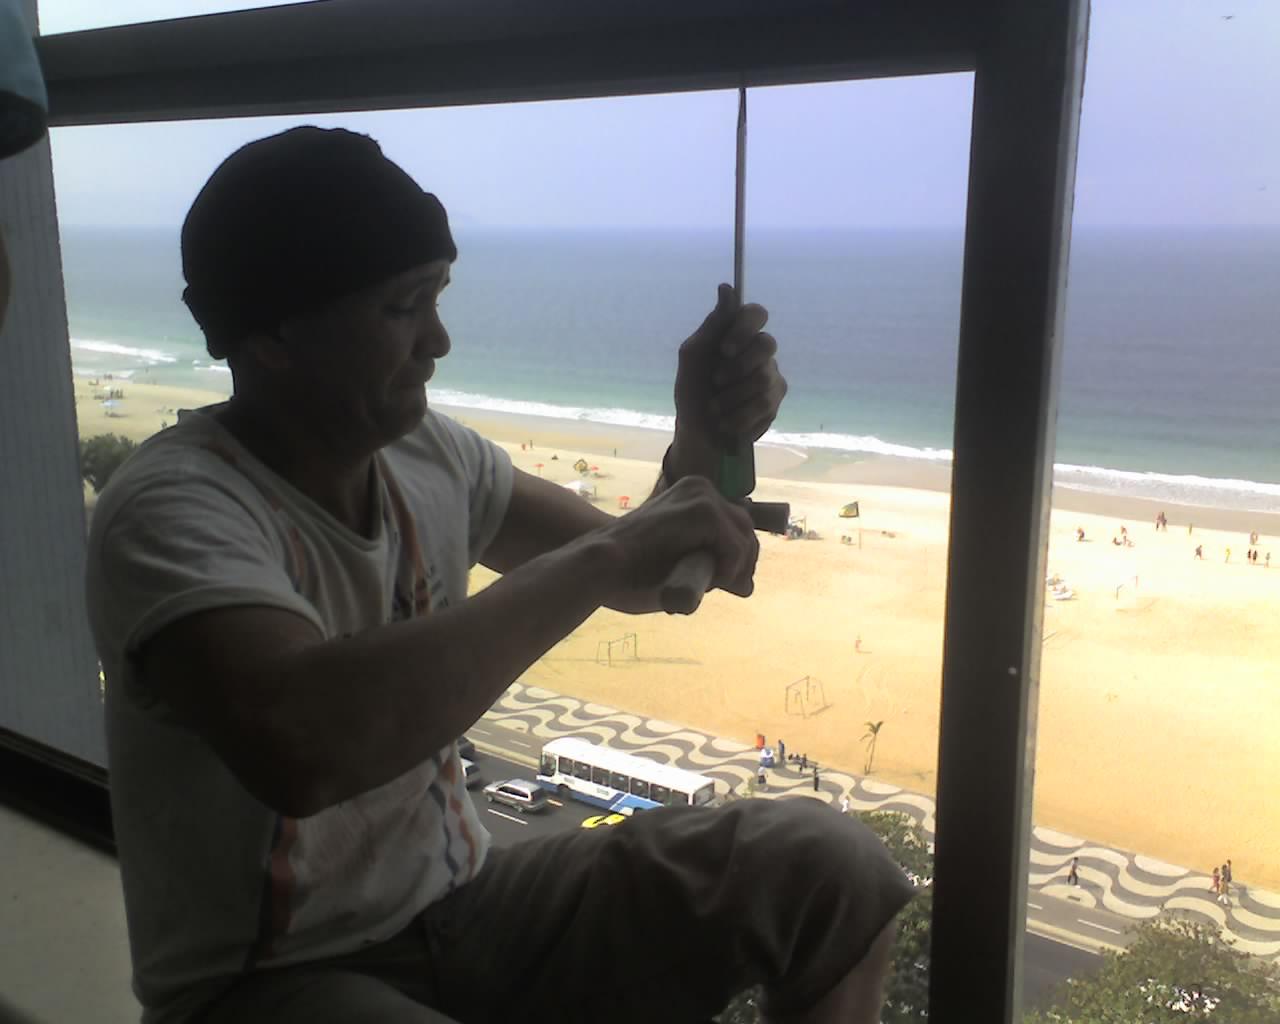 EDG serralheria: Troca de janelas Edf Chopin em copacabana. #B07E1B 1280x1024 Banheiro Com Janela Em Cima Da Pia